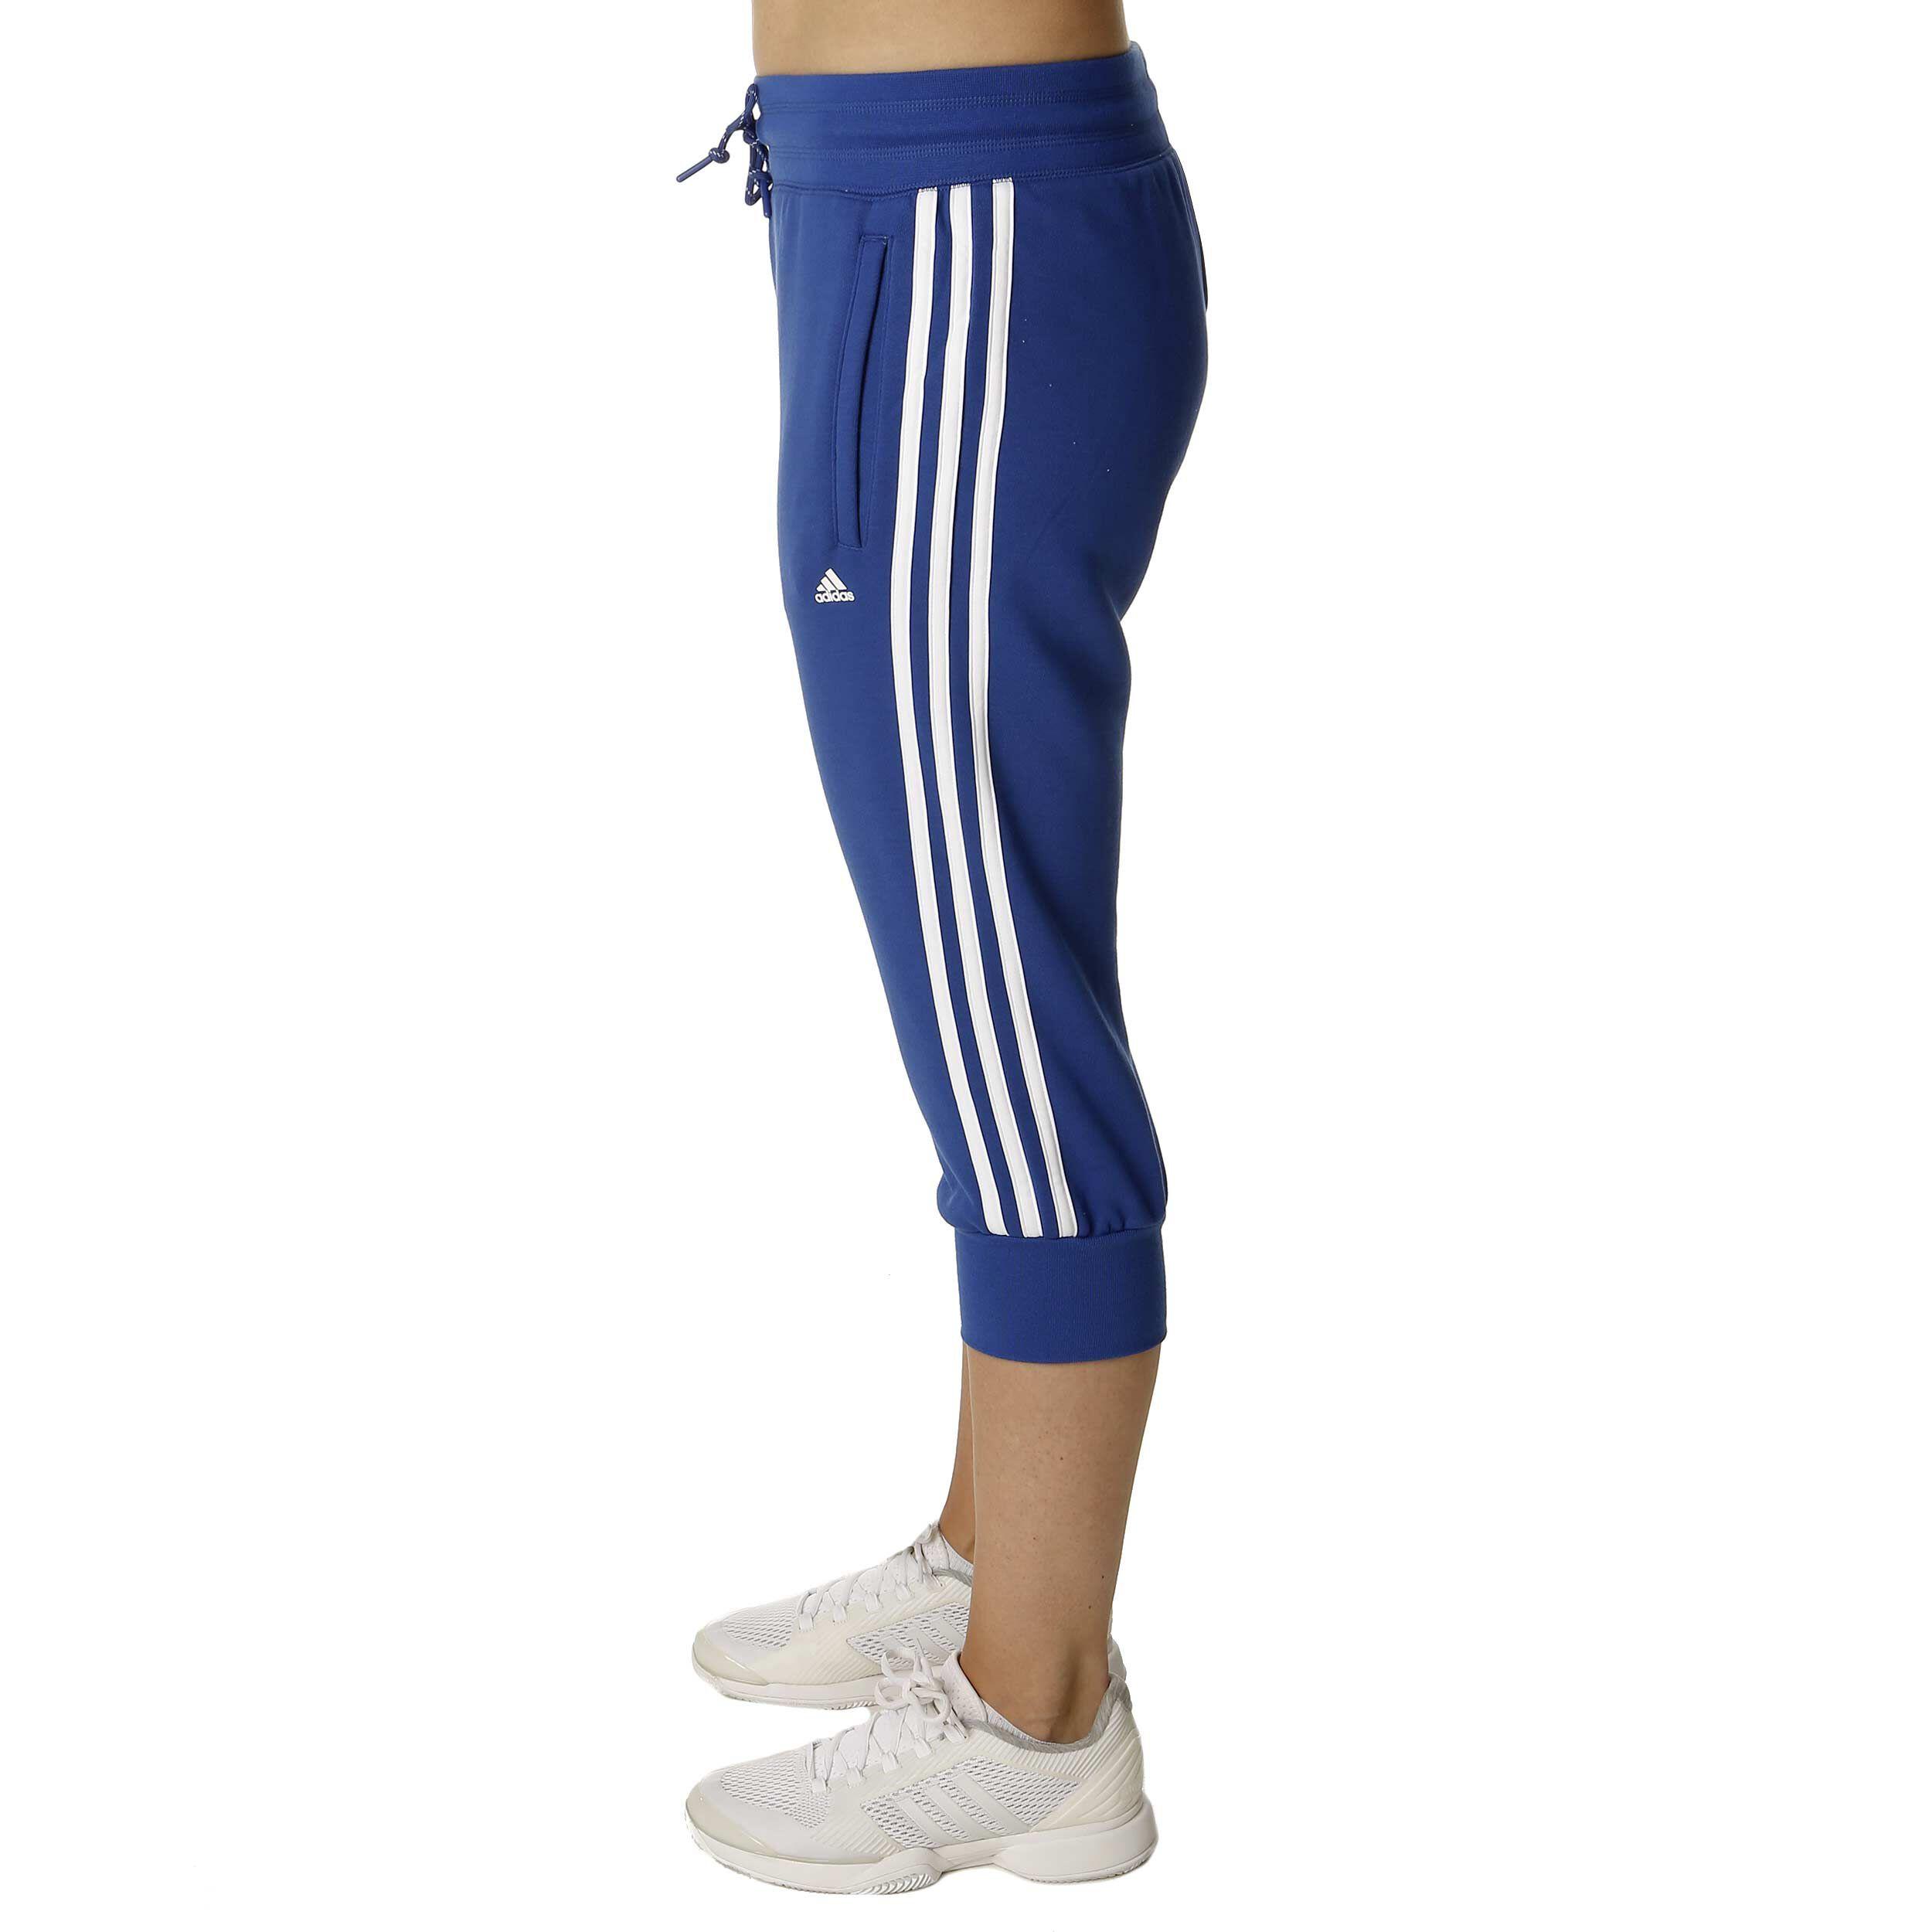 adidas Essentials 3 Stripes 34 Pant Capri Hose Damen Blau